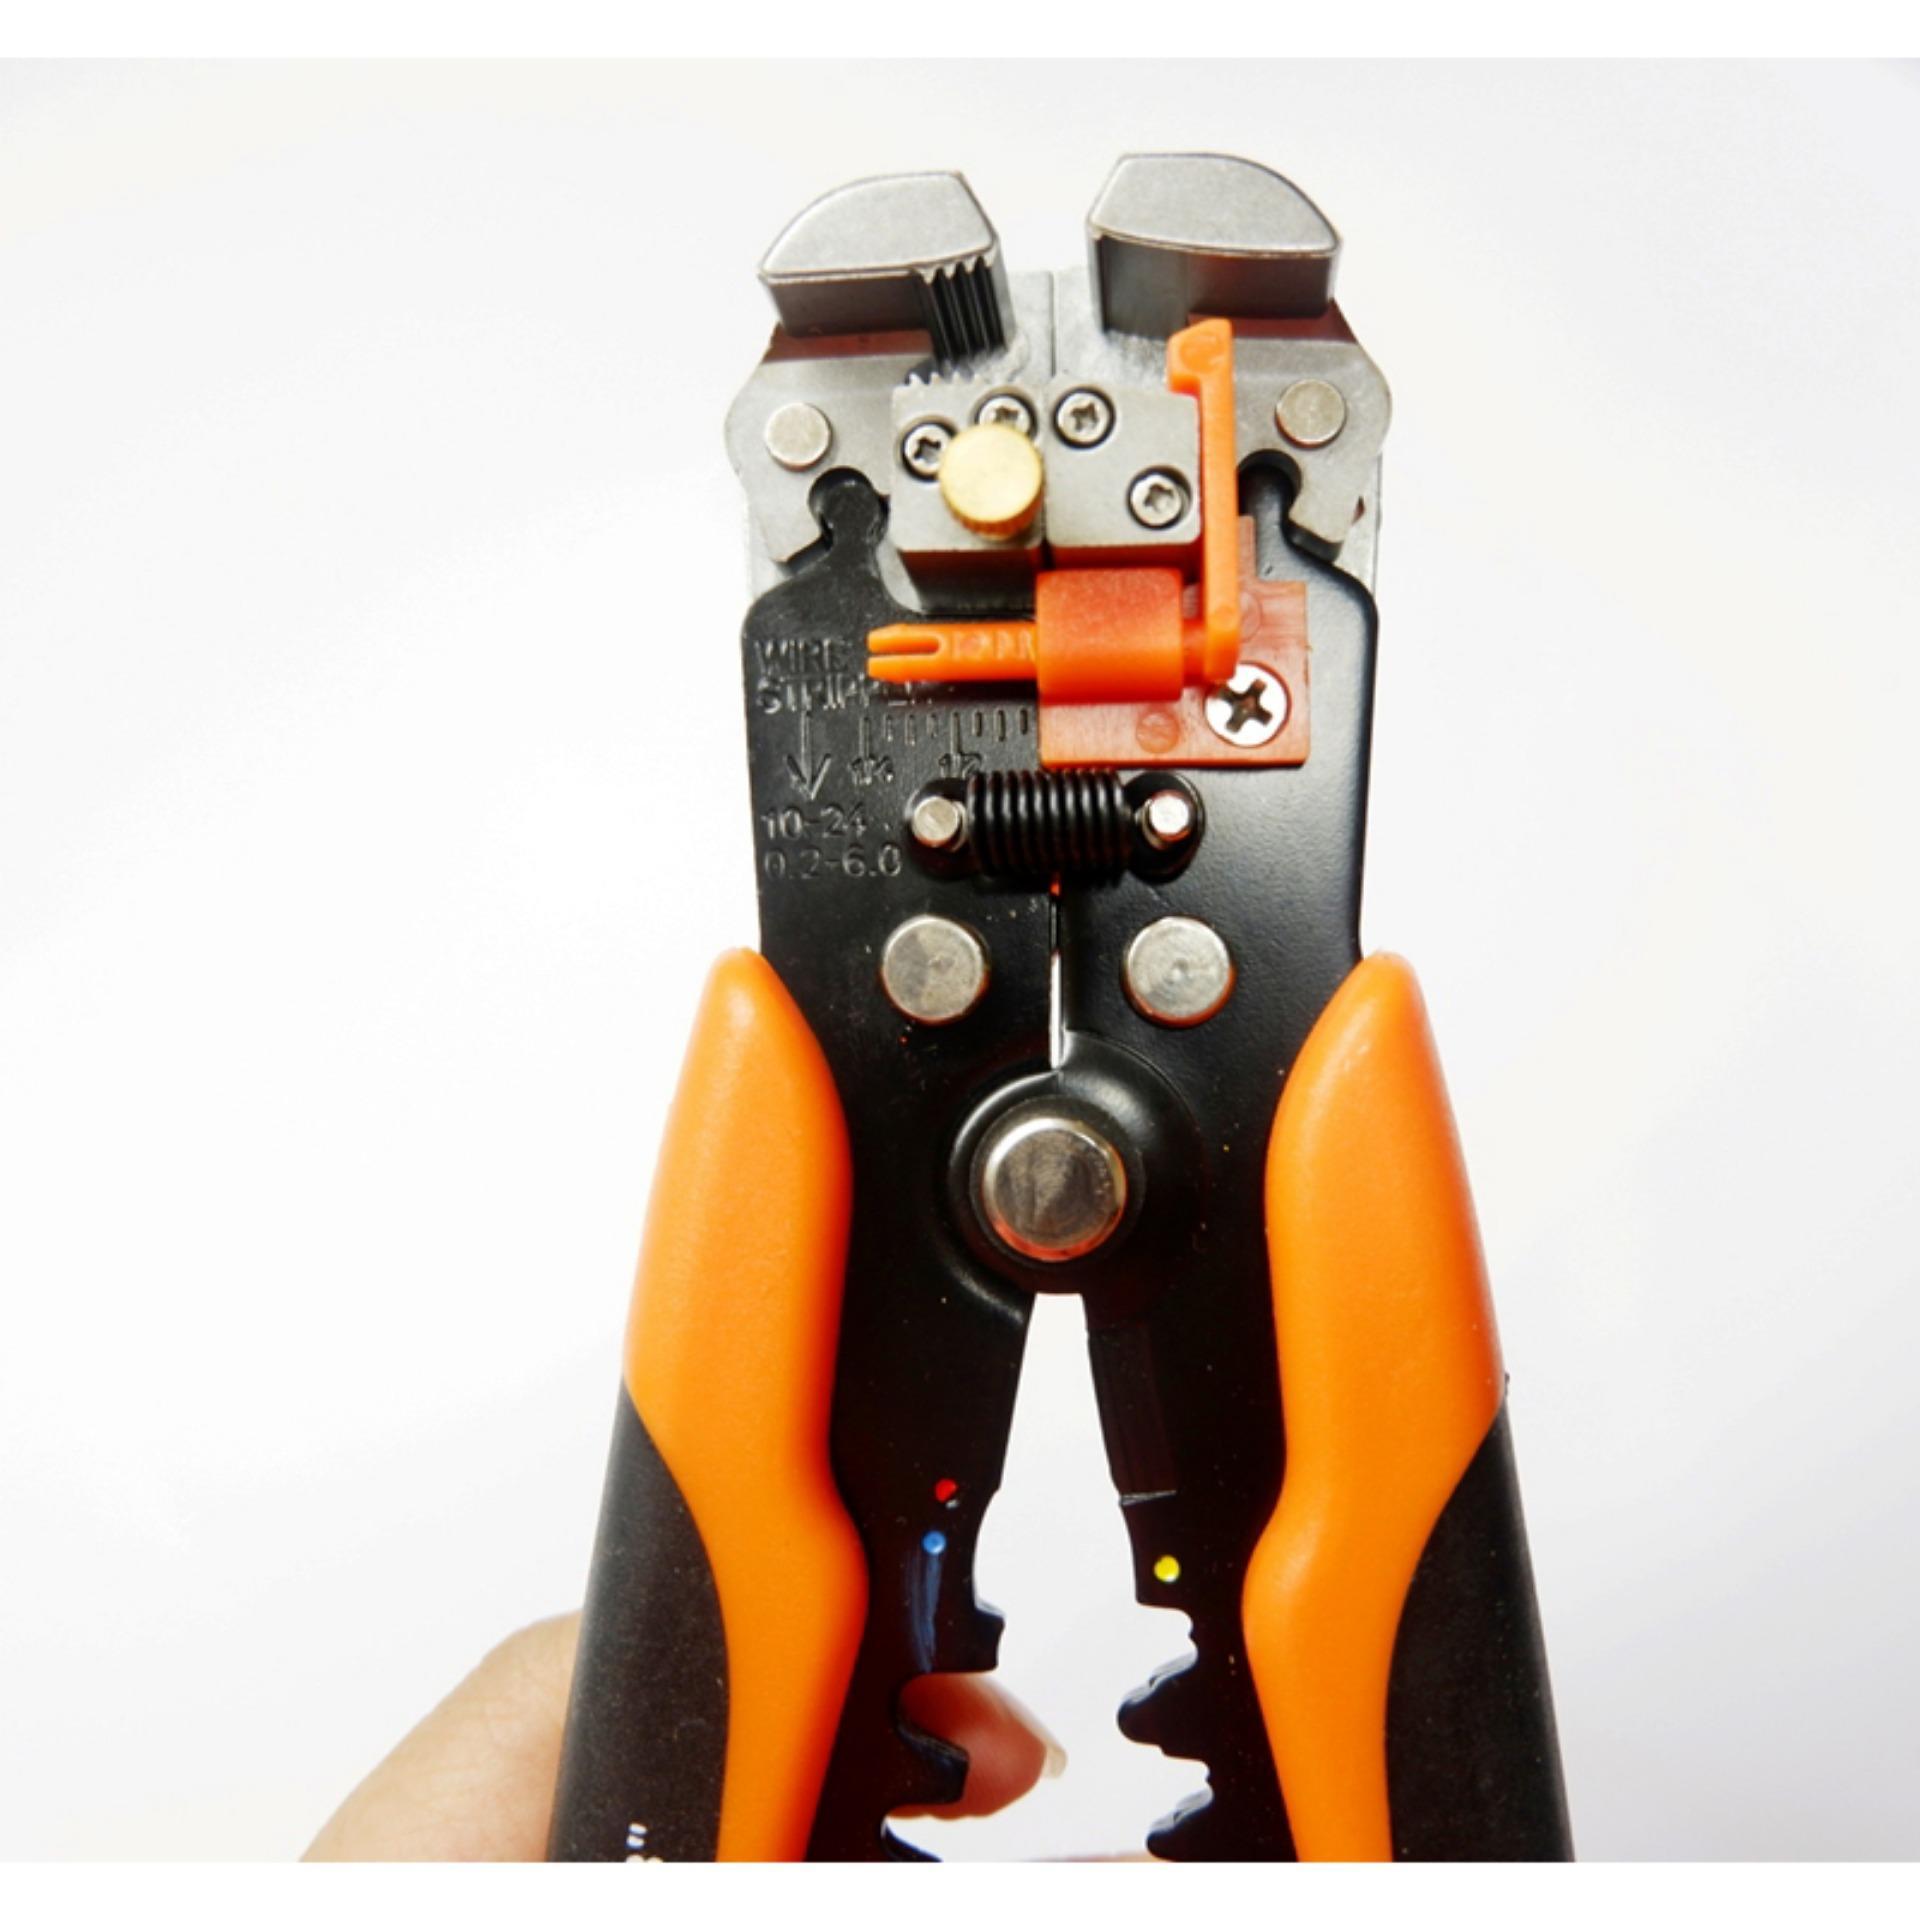 Tuốt vỏ dây điện -Kìm Tuốt Dây Điện và bấm cos Asaki AK-0339